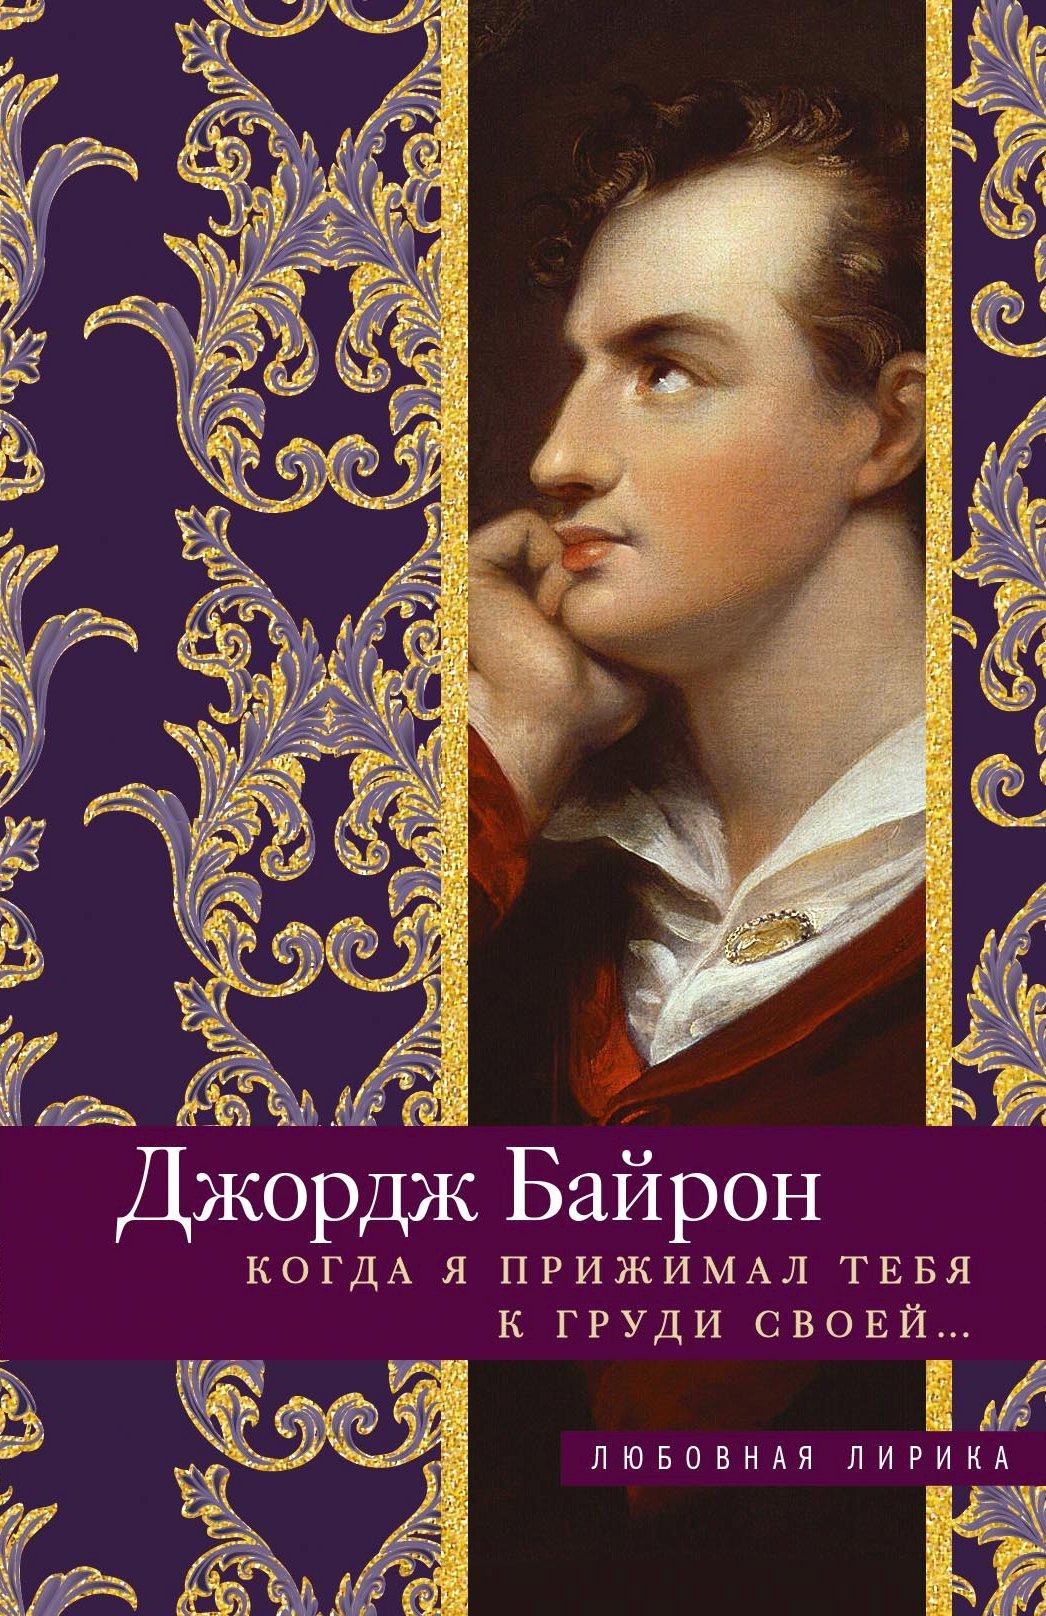 Купить книгу Когда я прижимал тебя к груди своей…, автора Джорджа Гордона Байрона